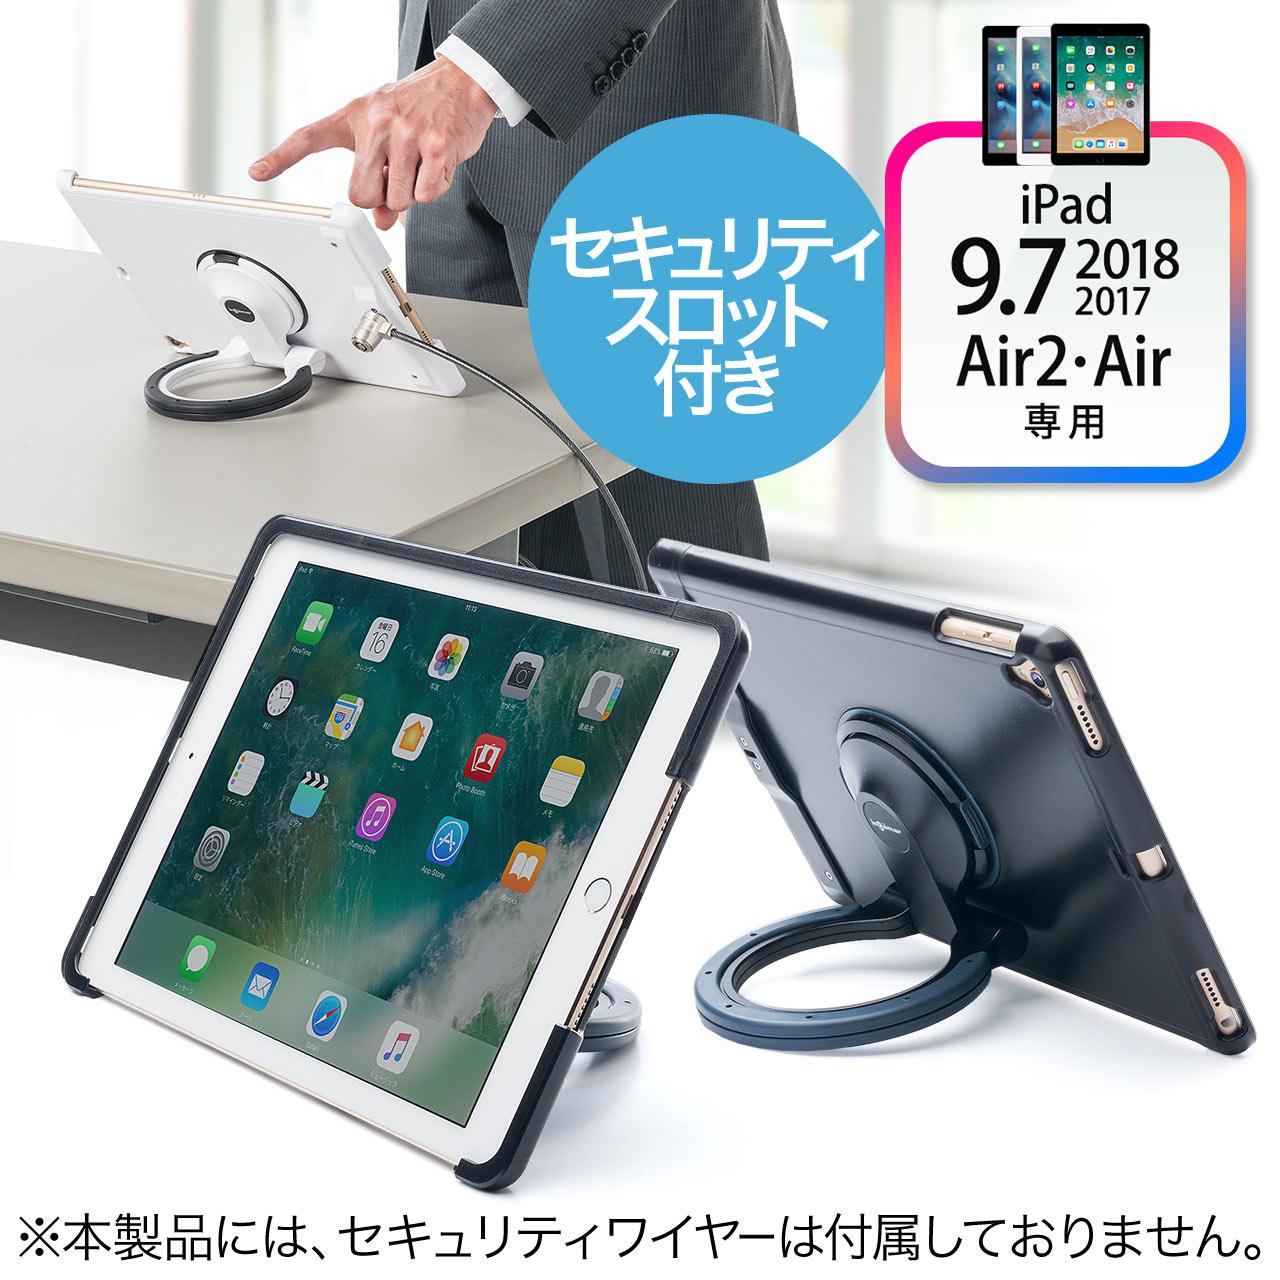 iPadセキュリティースタンド サンワダイレクト サンワサプライ 200-SL043BK